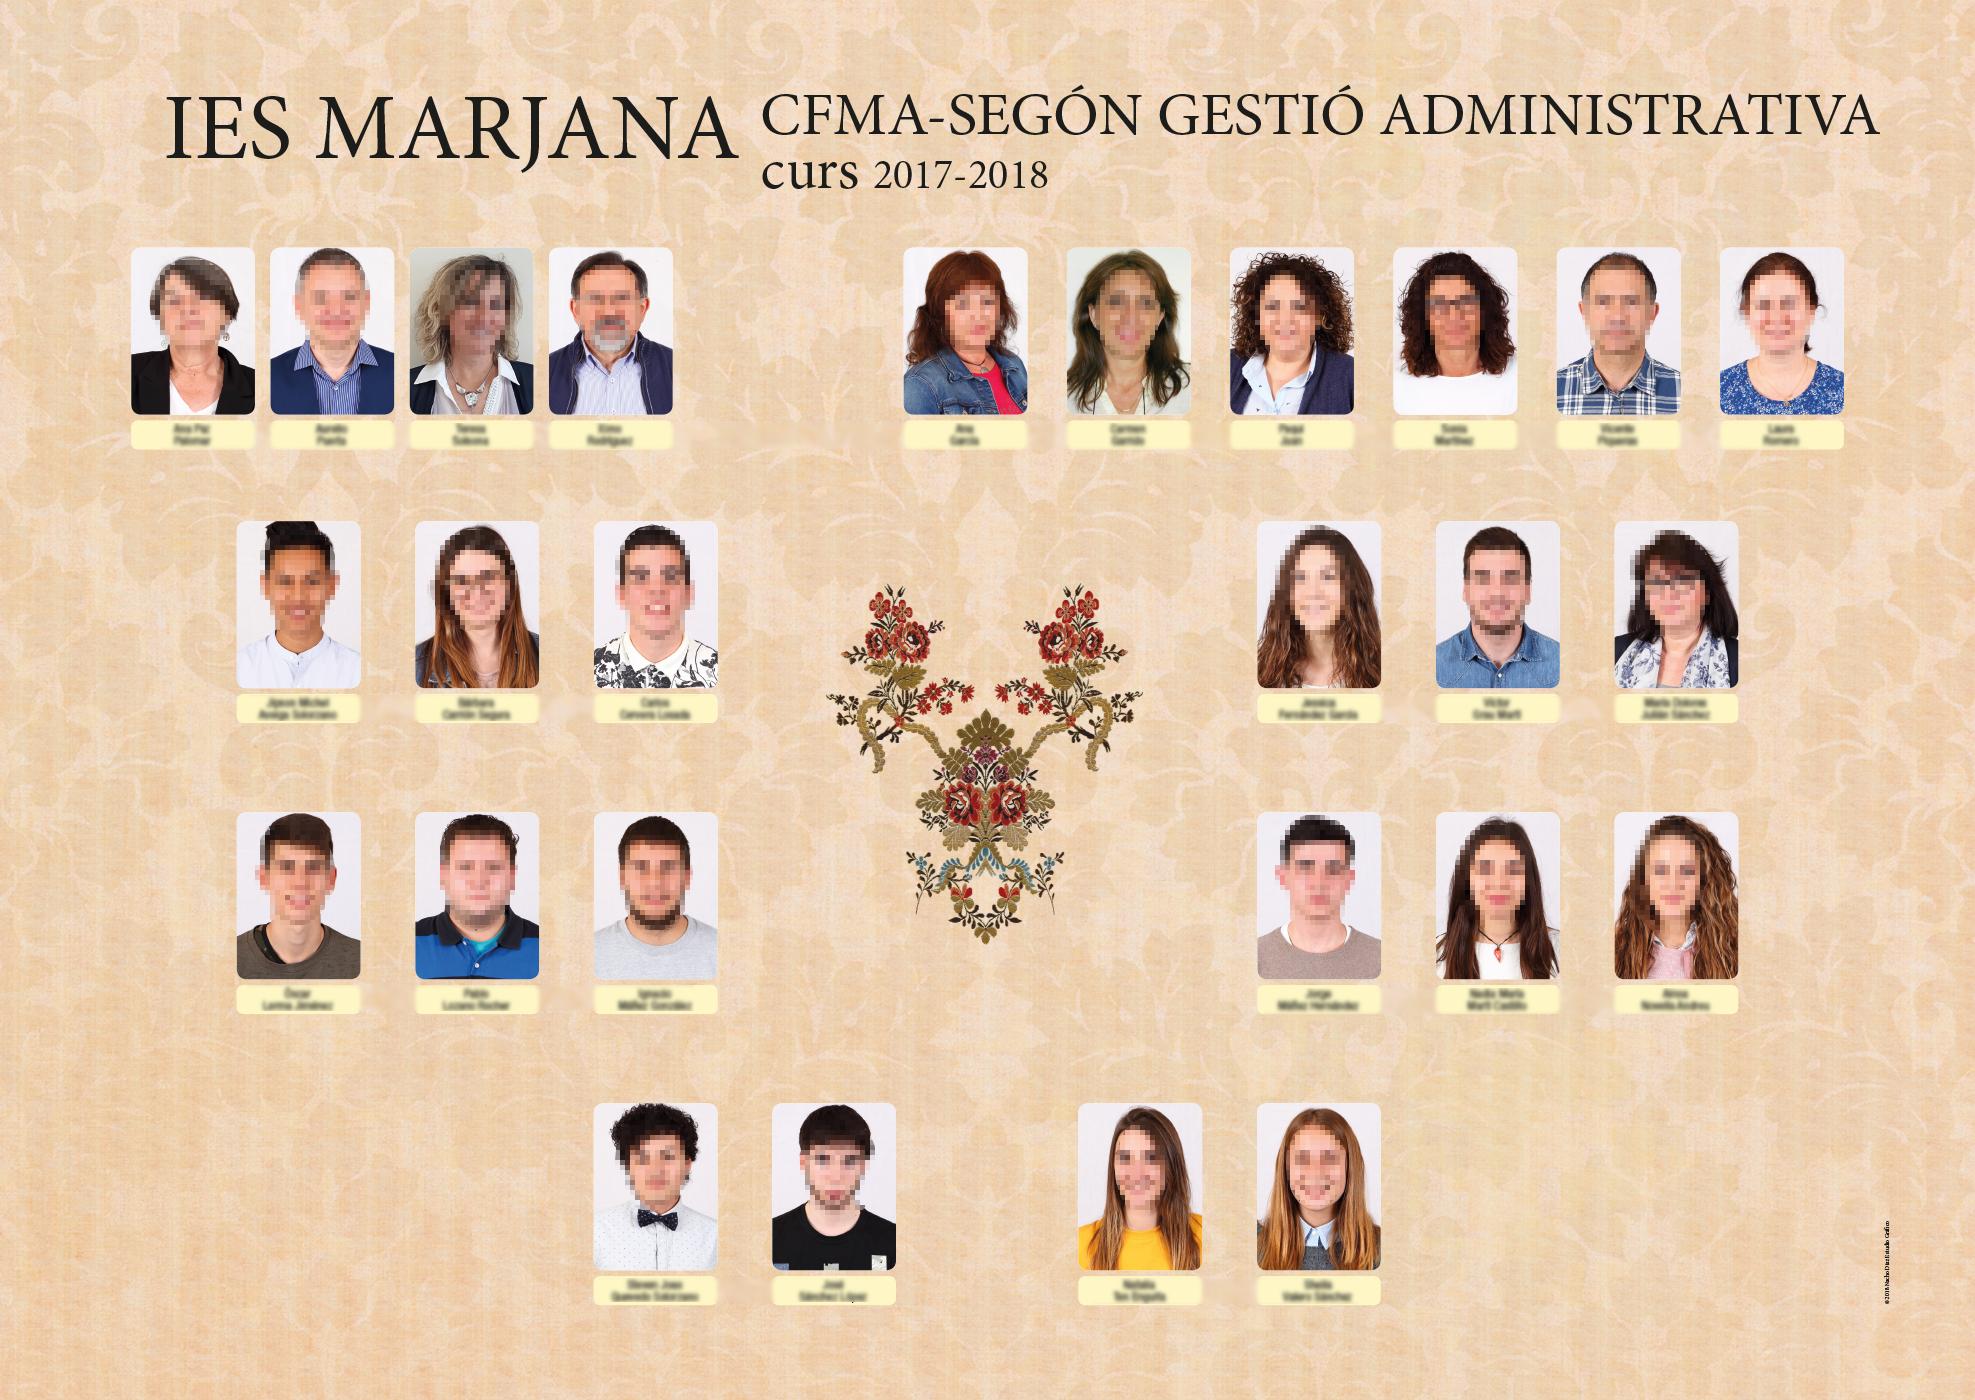 Orla-CICLOS-Marjana-2017-2018